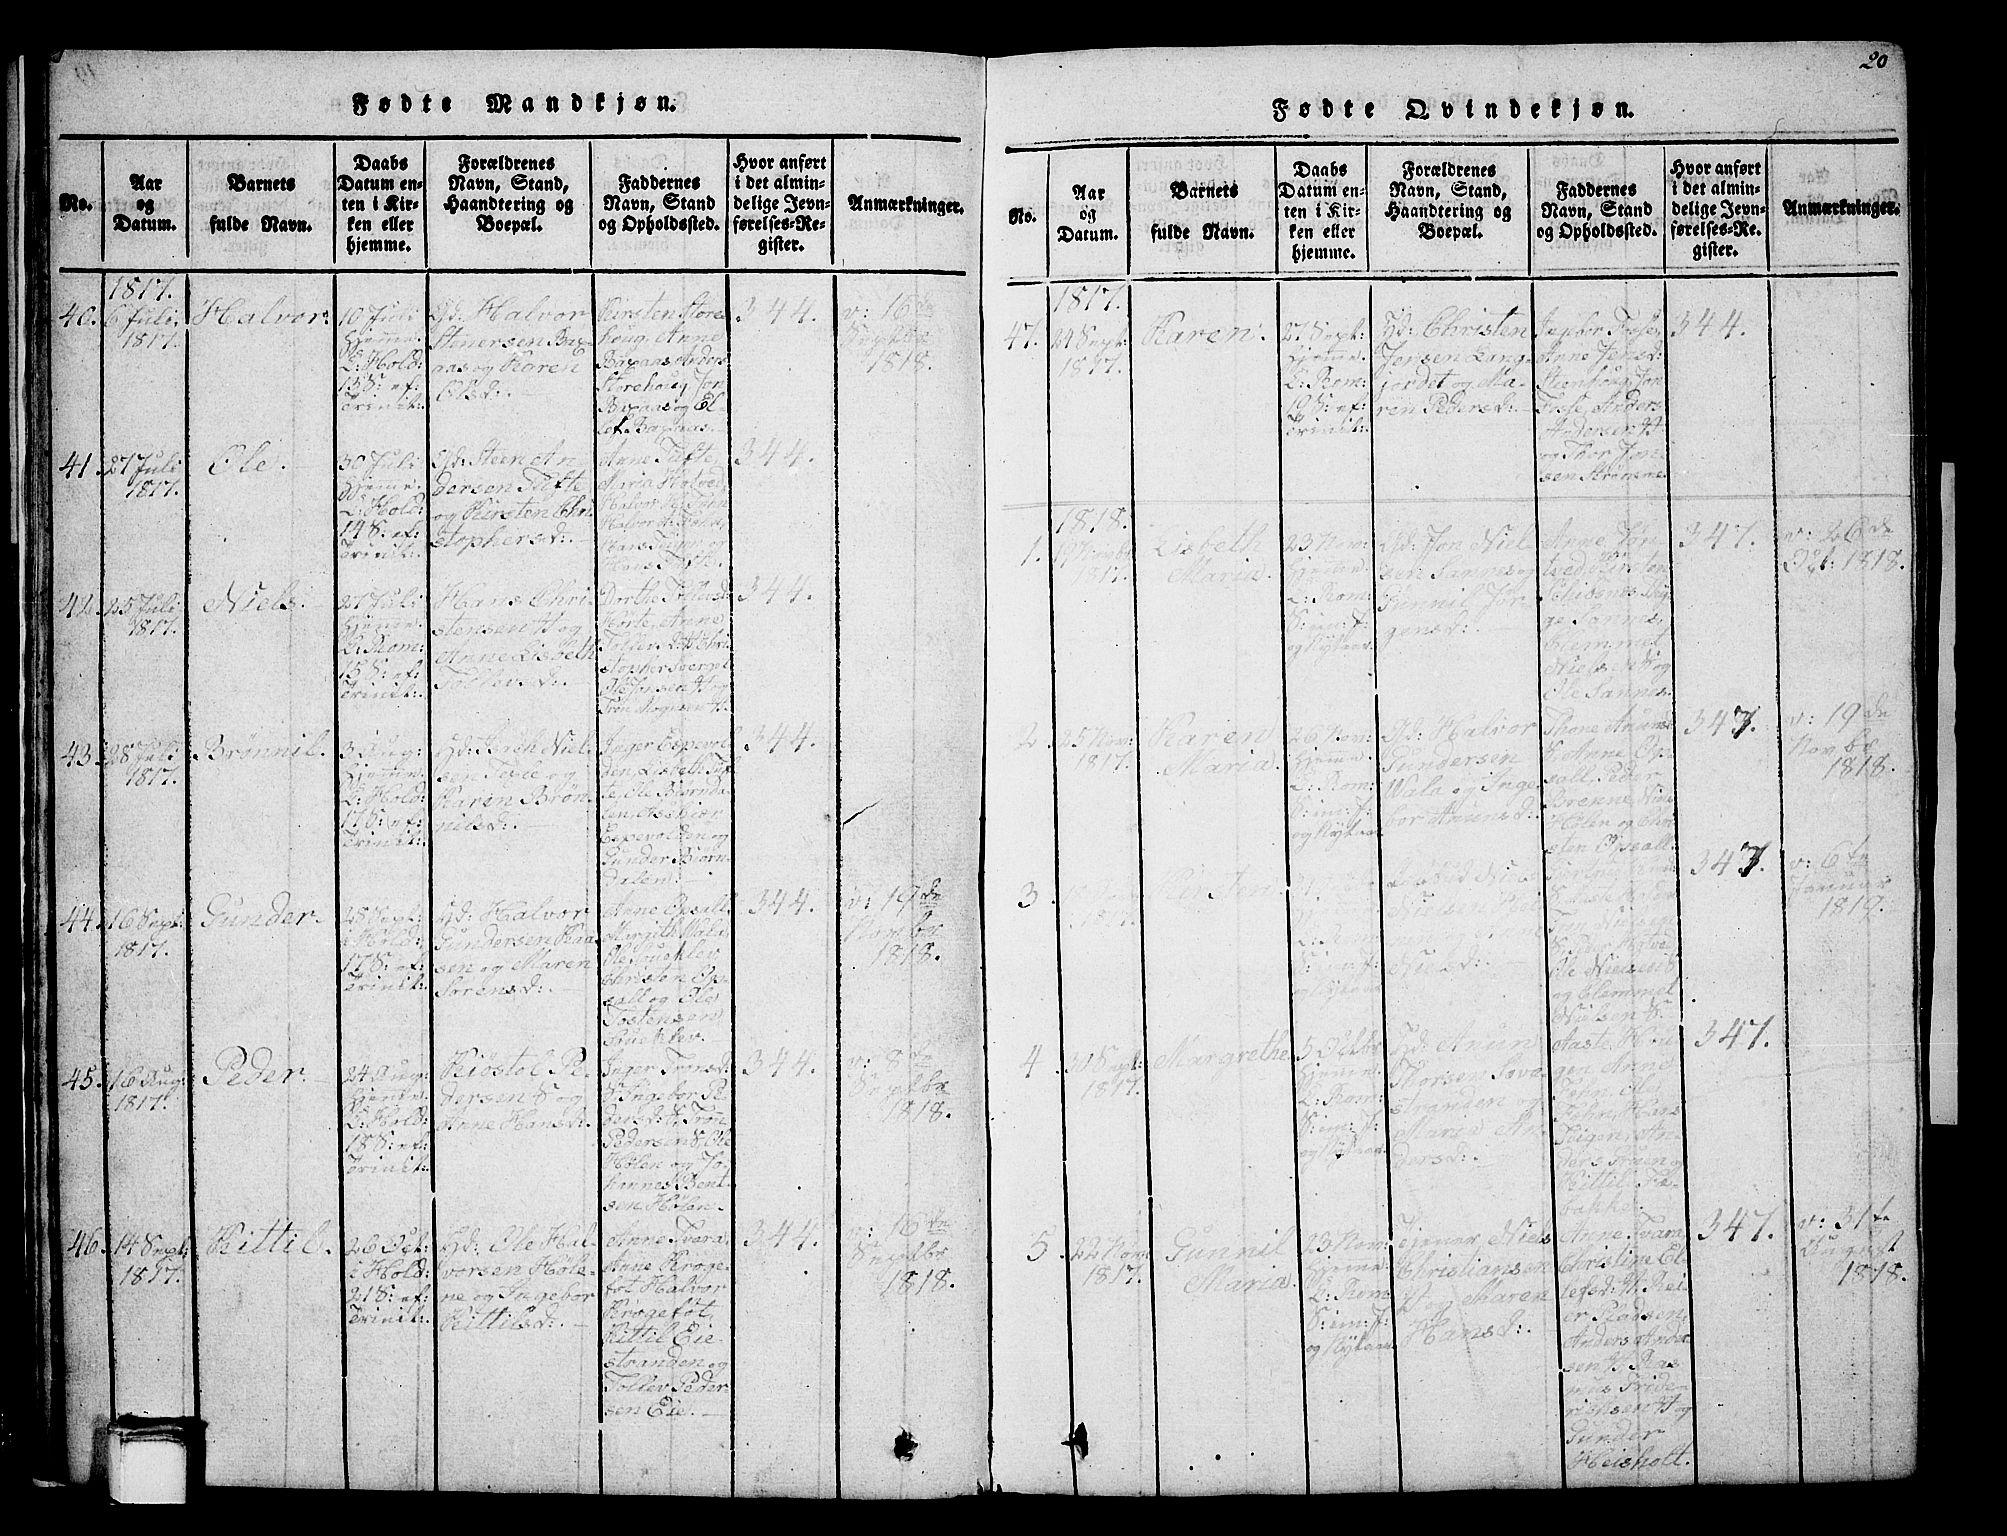 SAKO, Holla kirkebøker, G/Ga/L0001: Klokkerbok nr. I 1, 1814-1830, s. 20